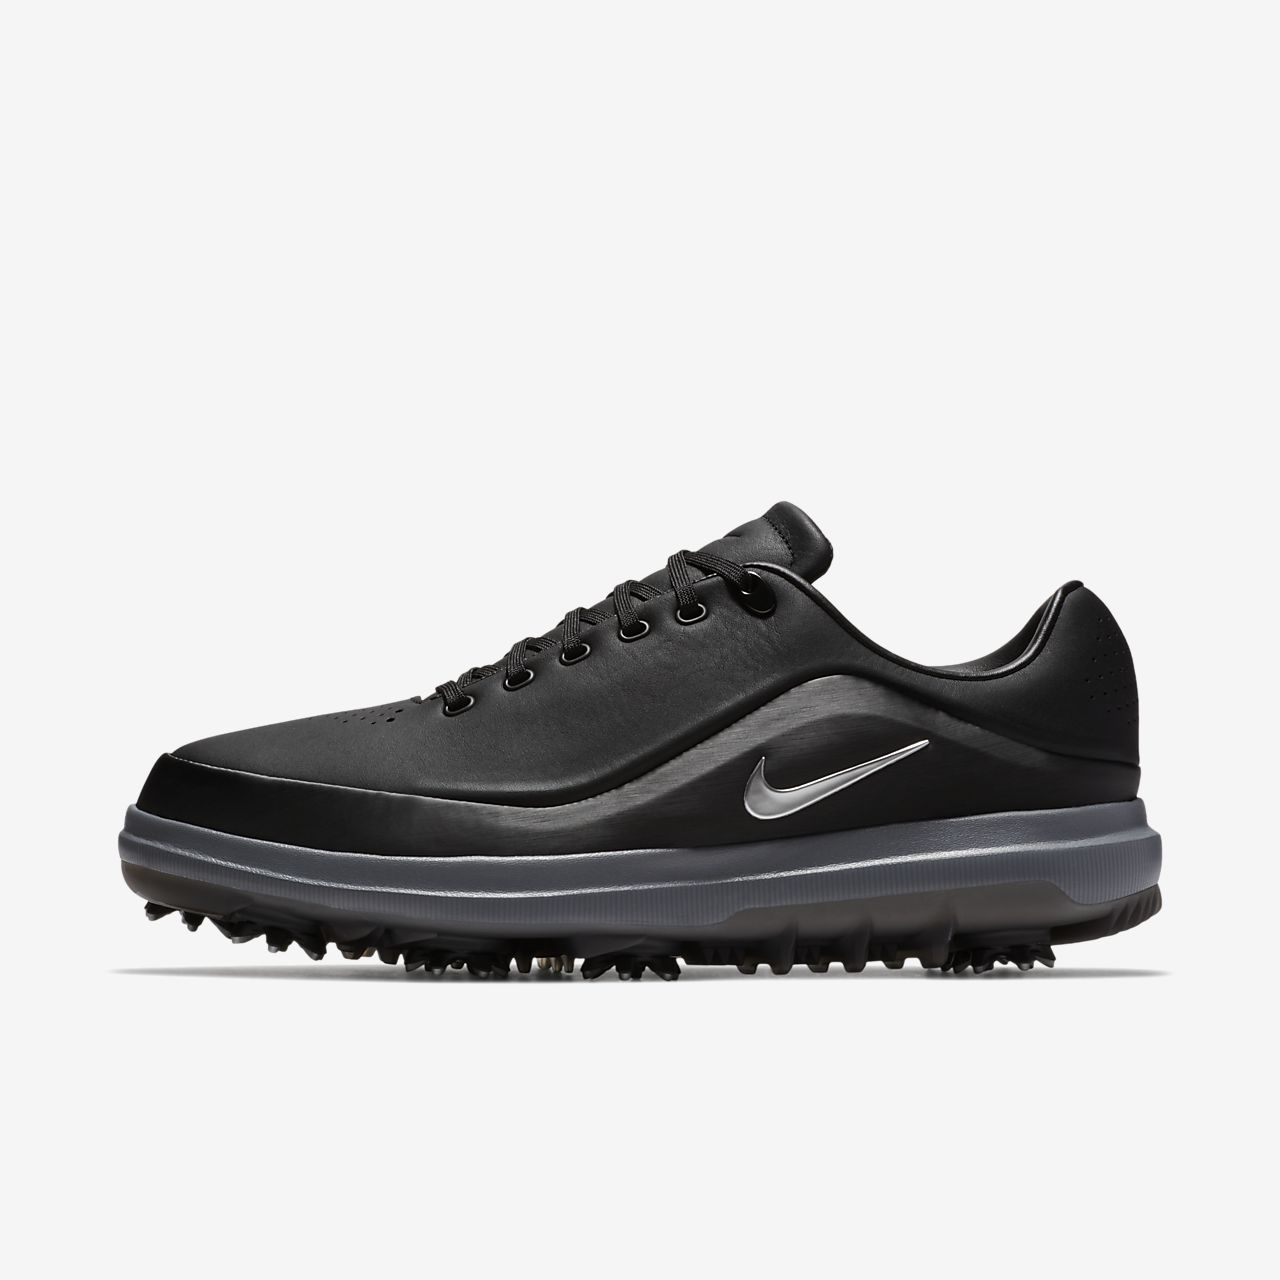 97091f2056ce2 Nike Air Zoom Precision Men s Golf Shoe. Nike.com RO